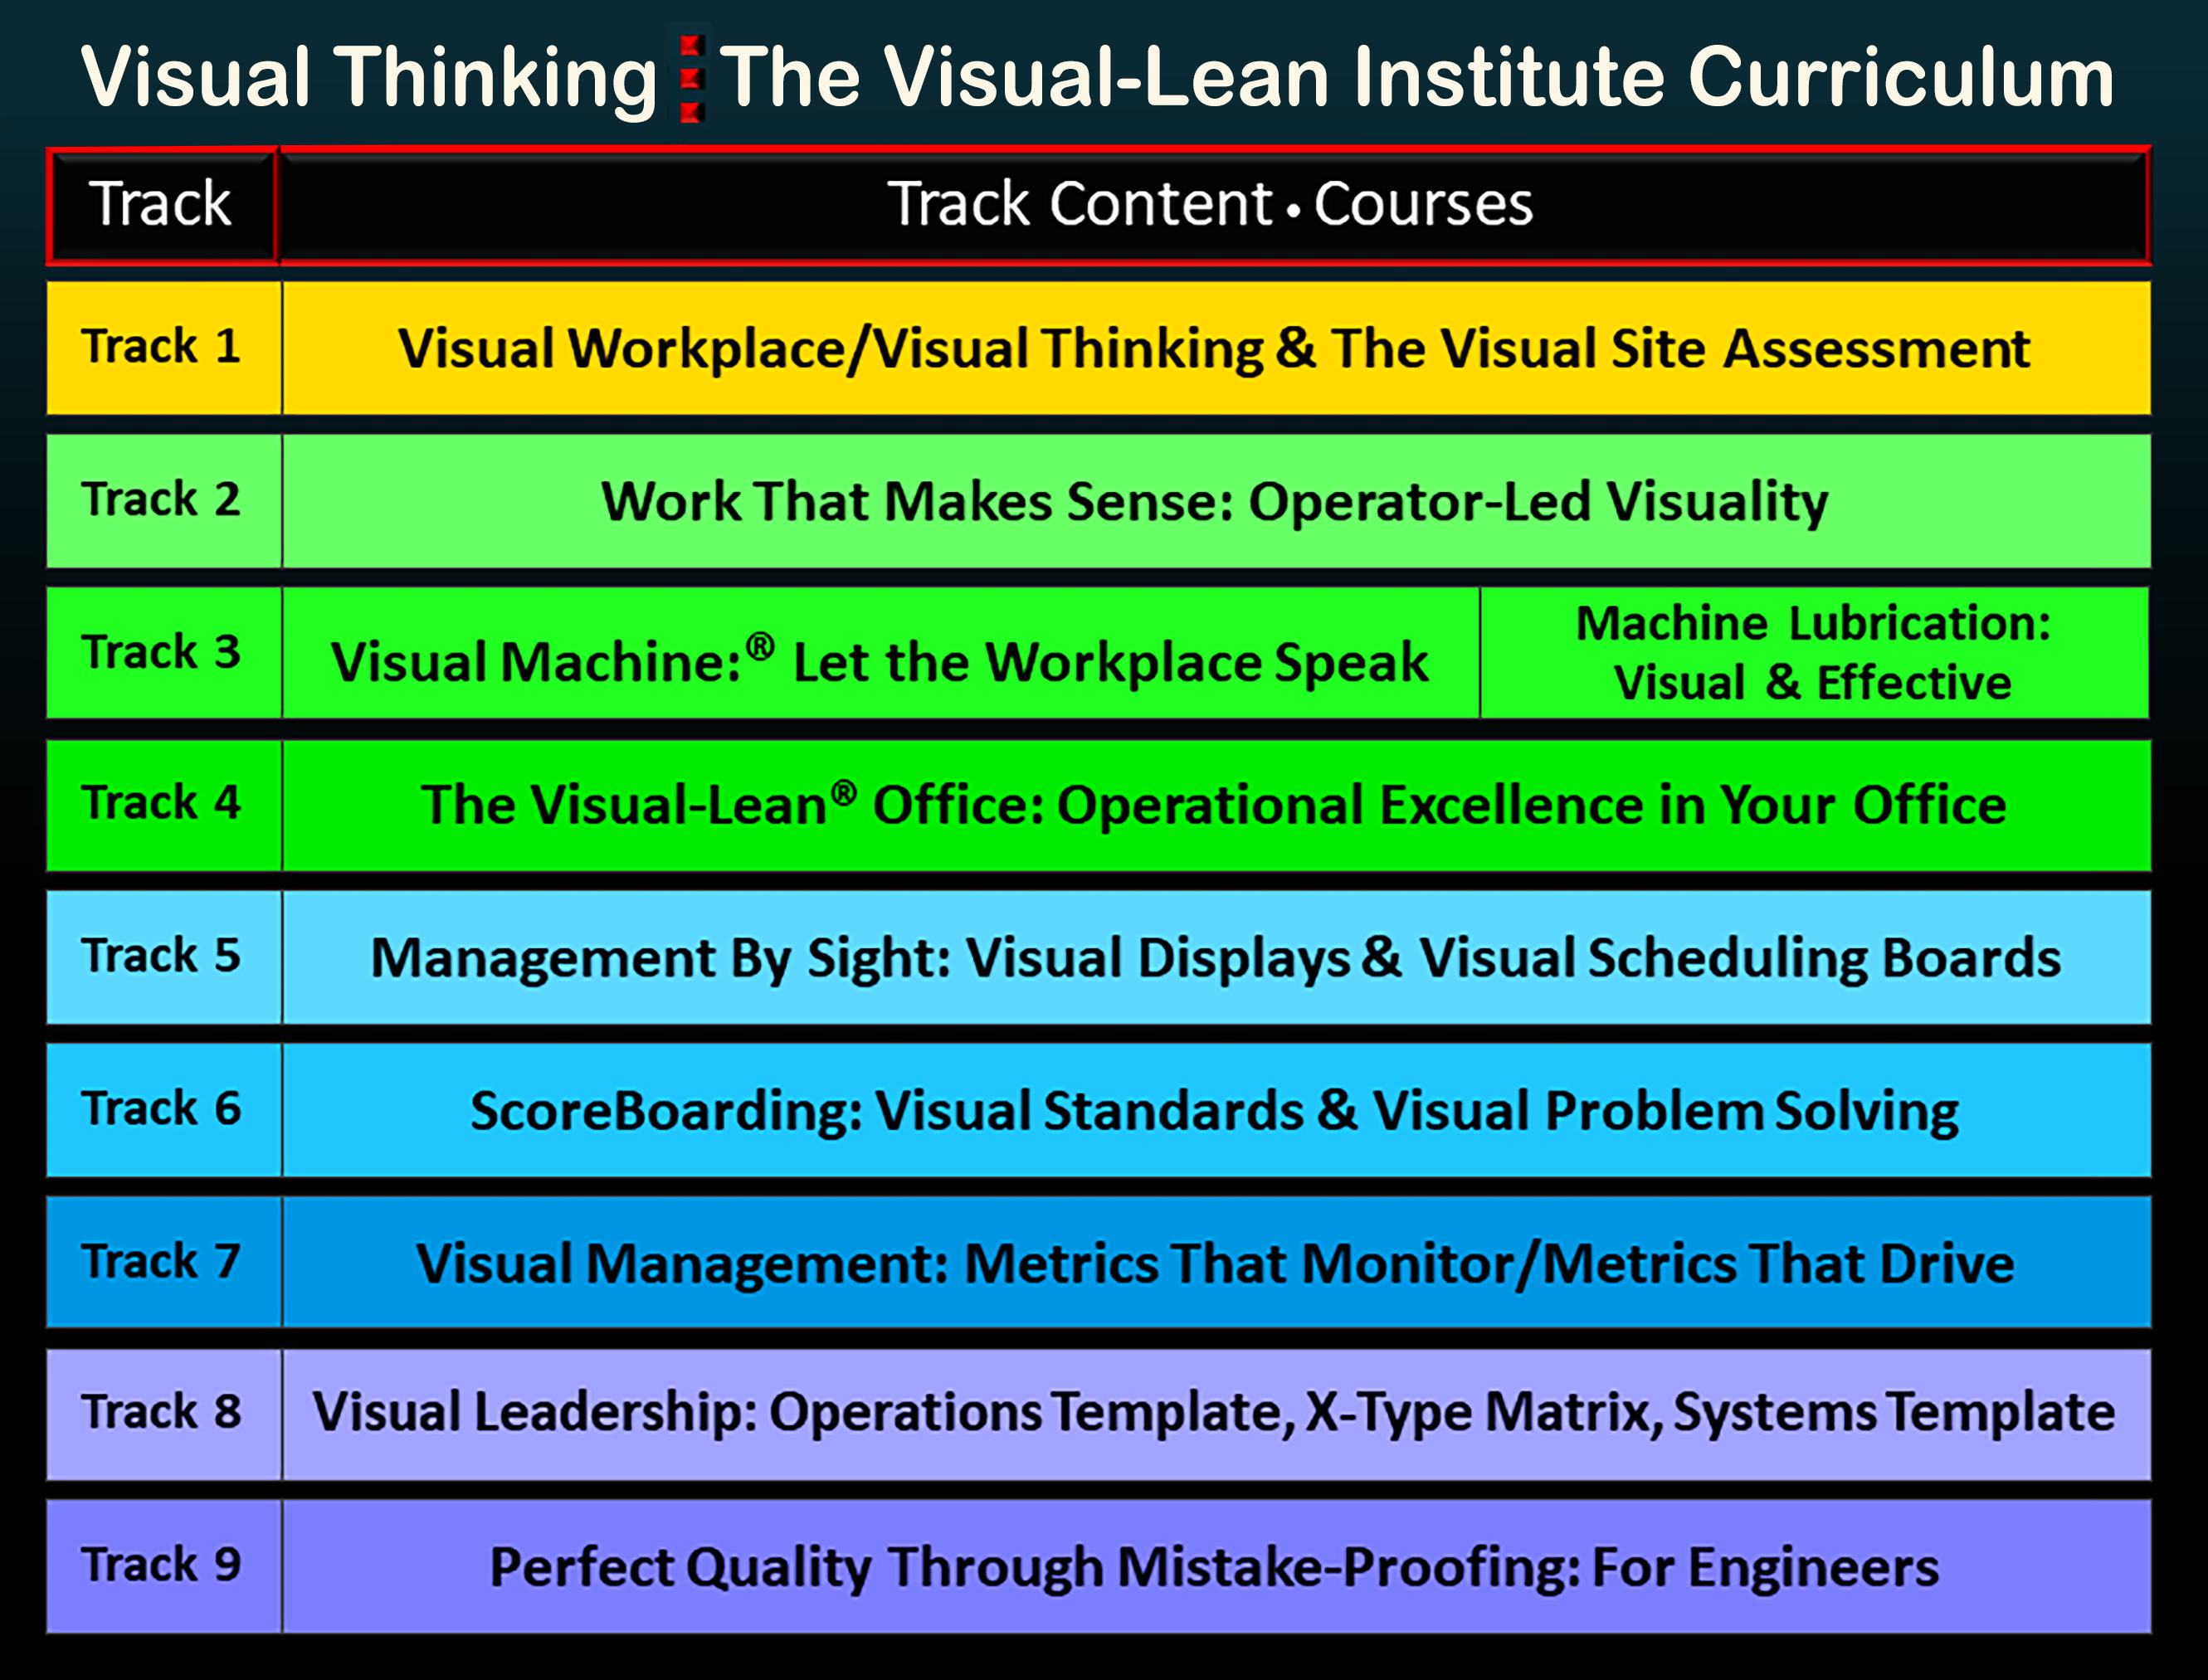 Visual-Lean Institute - Visual Workplace